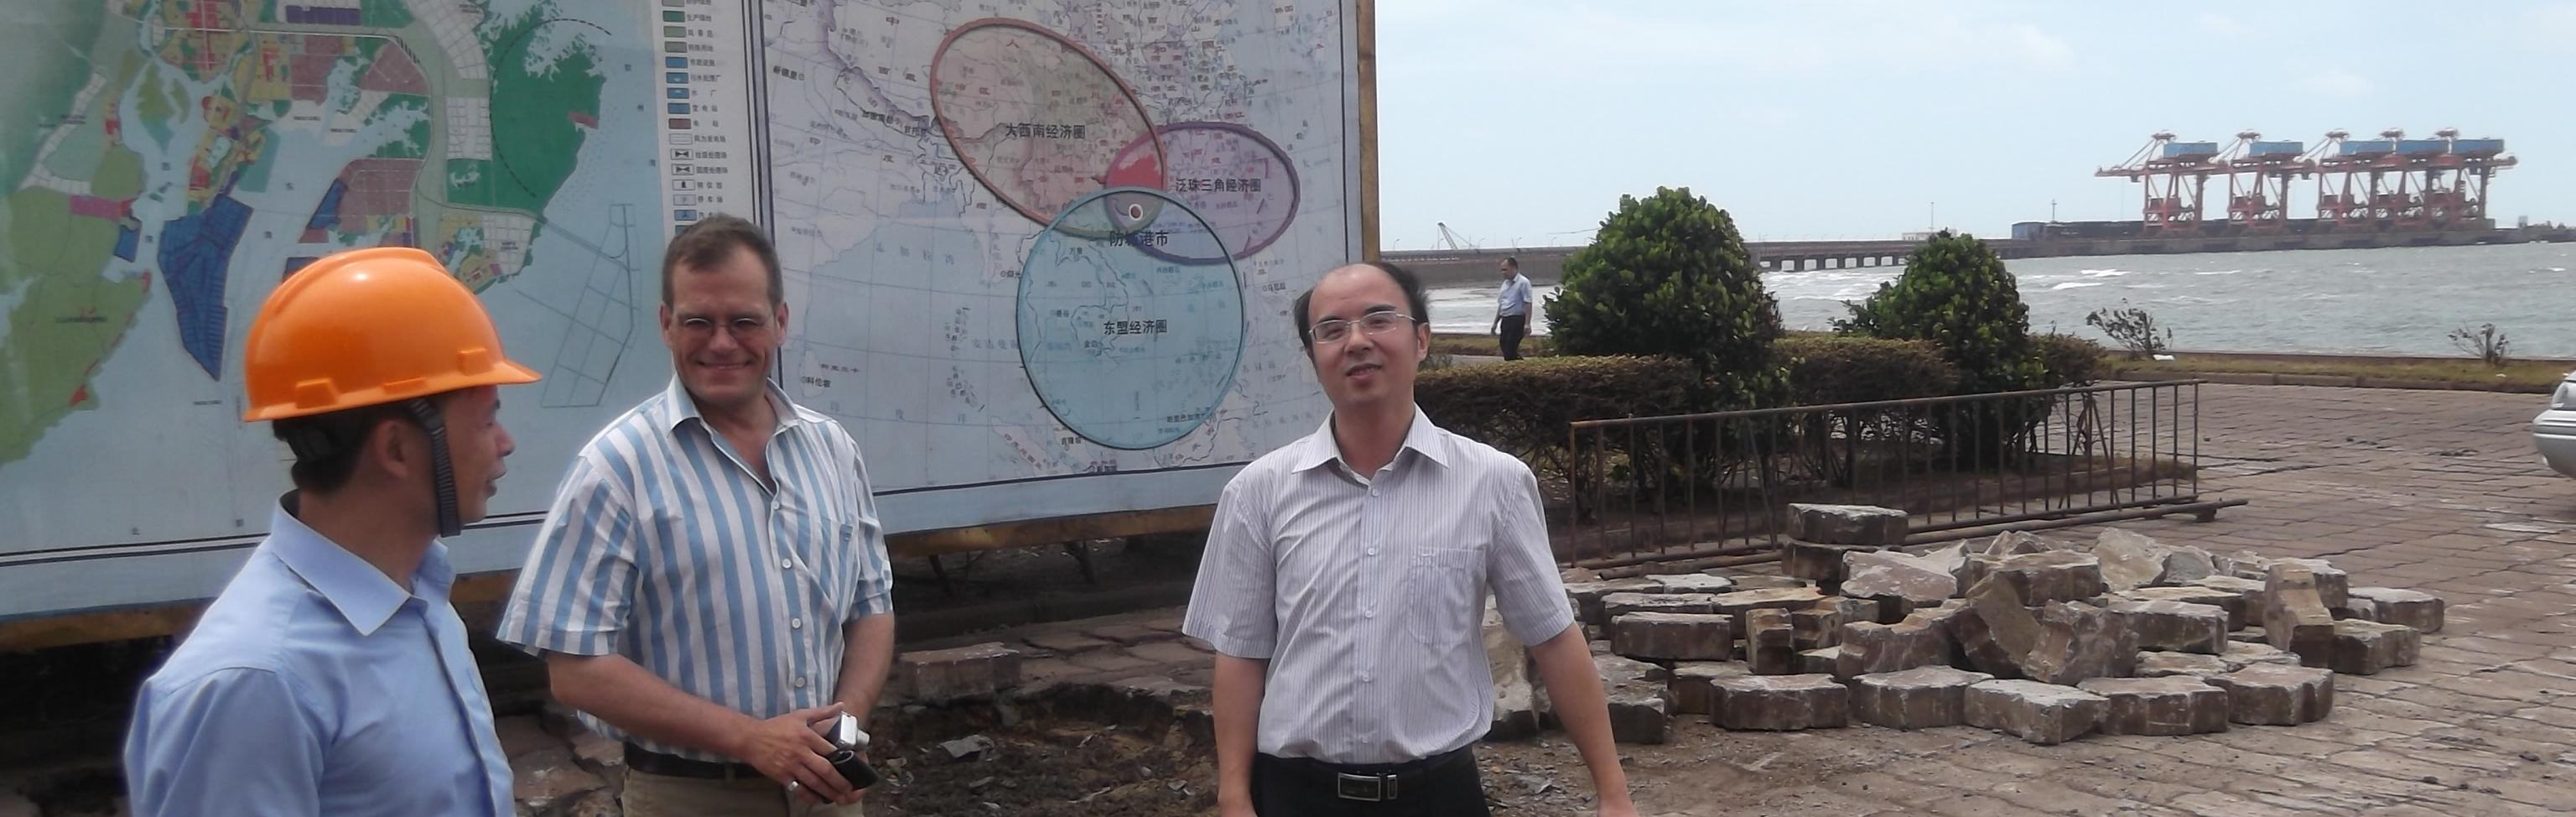 Guido Sempell Fangchengong